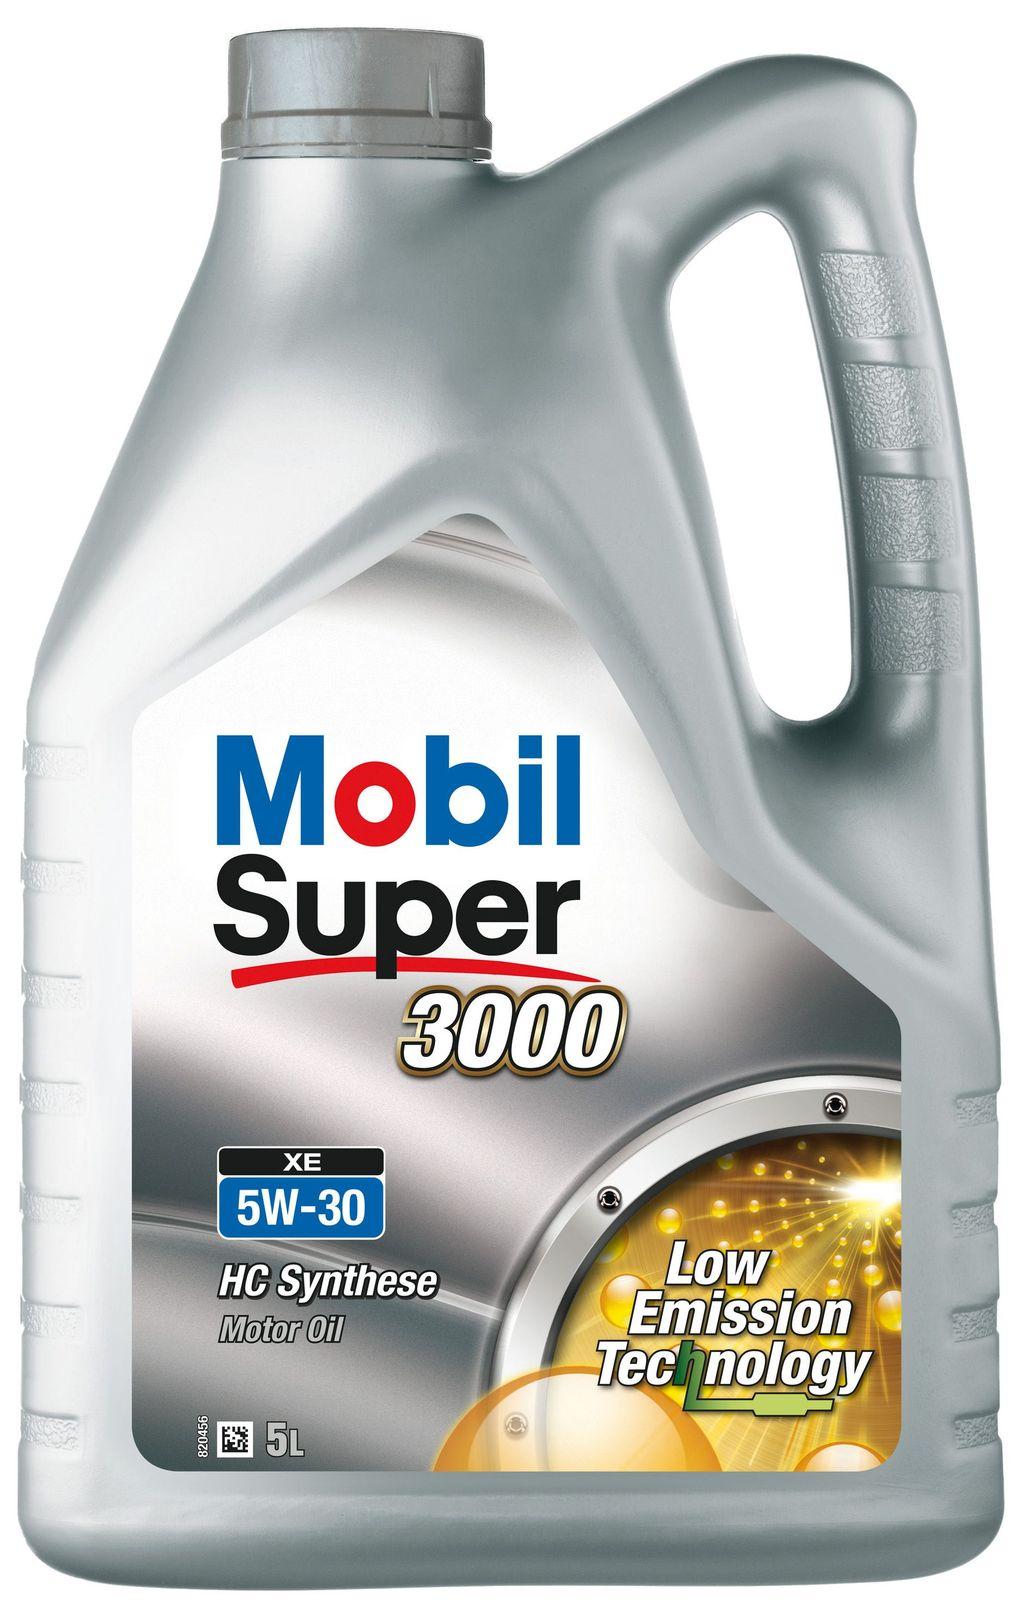 Huile moteur mobil super 3000 xe 5w30 151451 5 litres - mobil